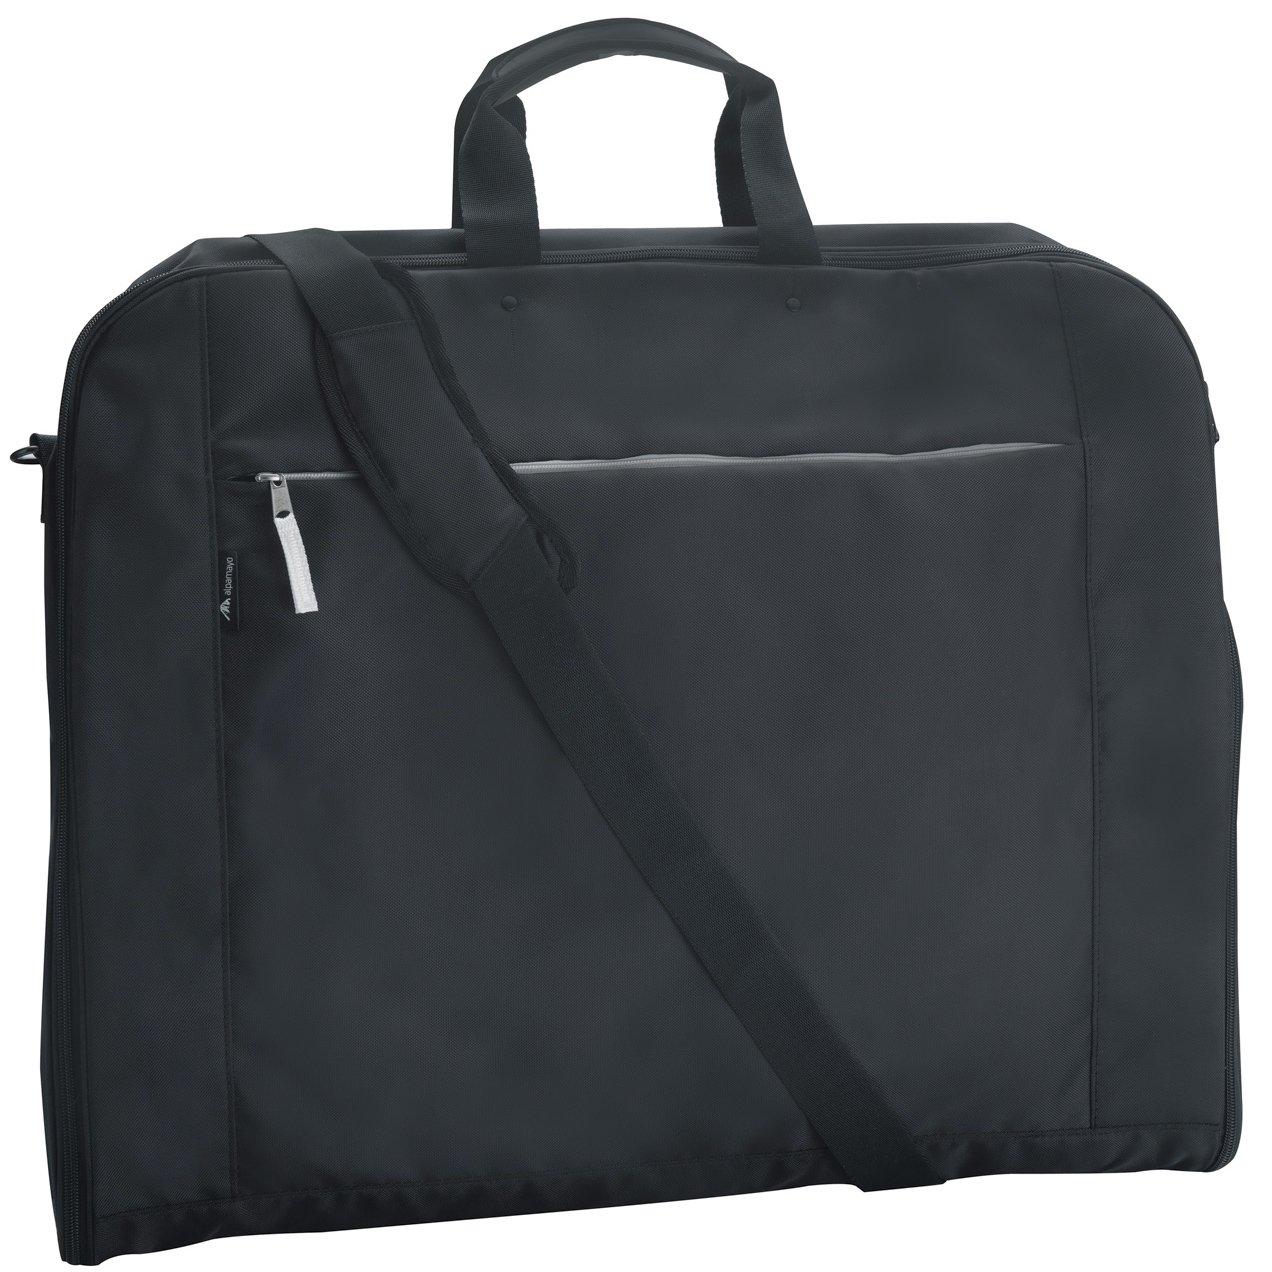 Alpamayo® Anzugtasche, Business Kleidertasche für Anzüge und Hemden auf Reise, für den Transport im Handgepäck, Koffer oder Trolley, schwarz Alpamayo® Anzugtasche ALP-GAB2